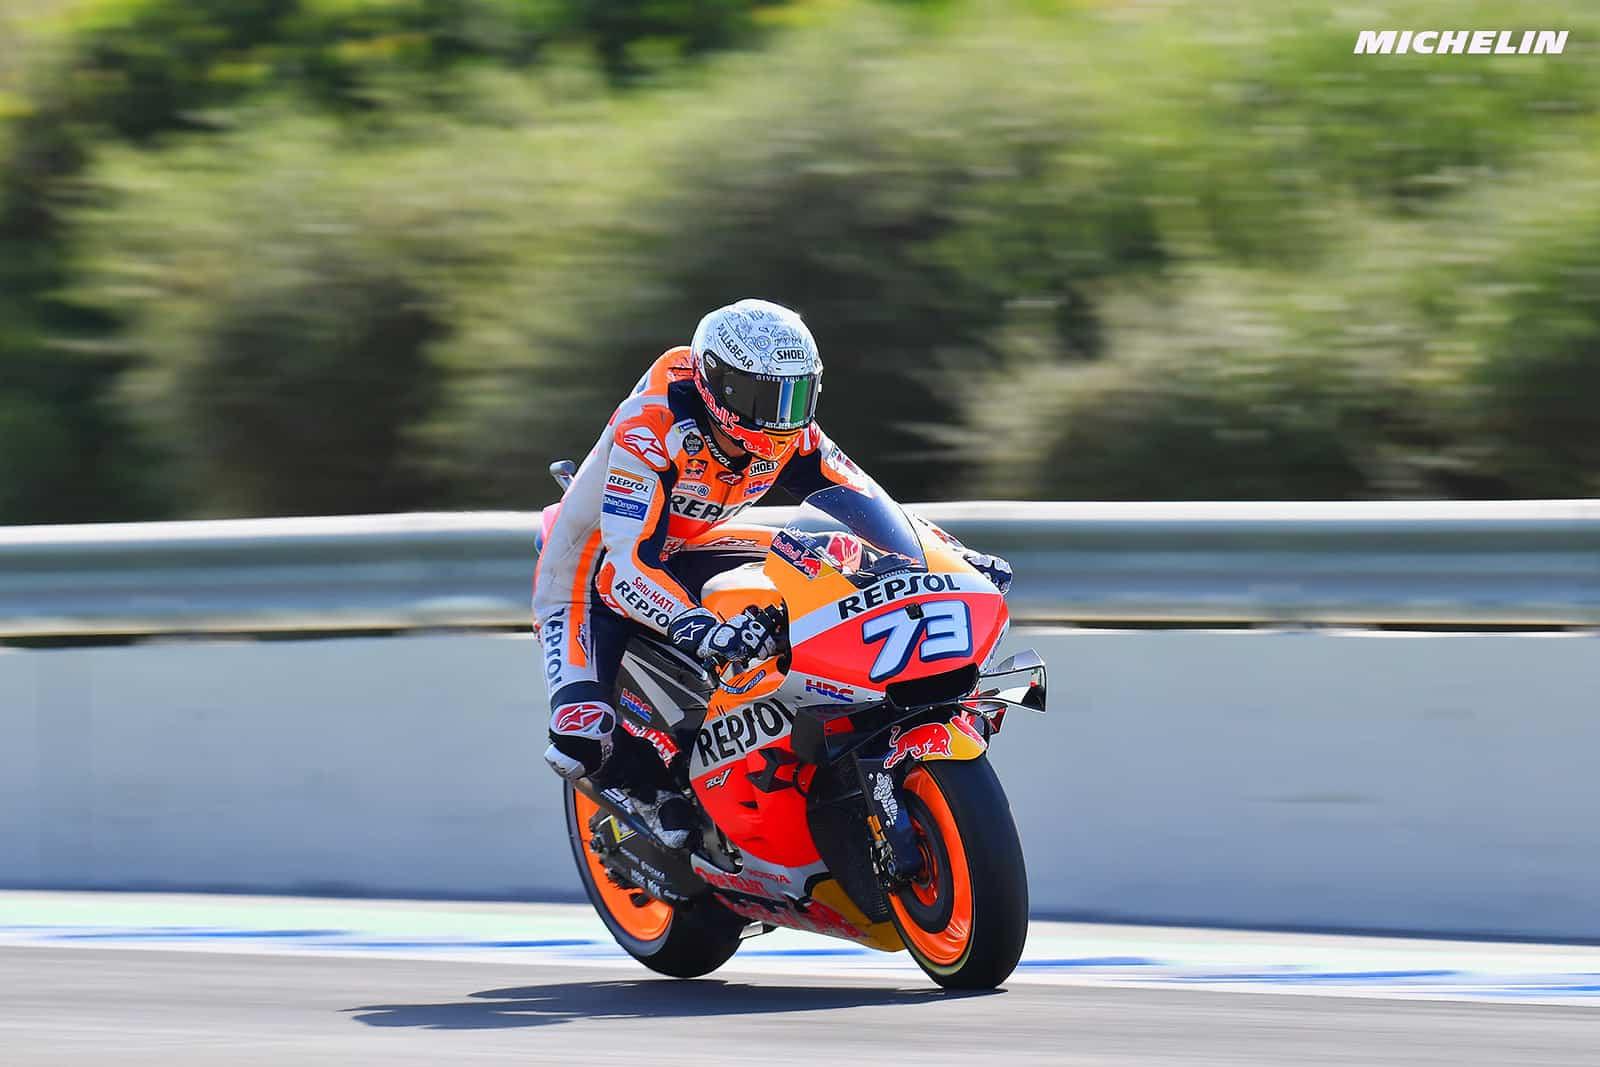 スペインGP 12位アレックス・マルケス「序盤と終盤の走行に集中する必要がある」